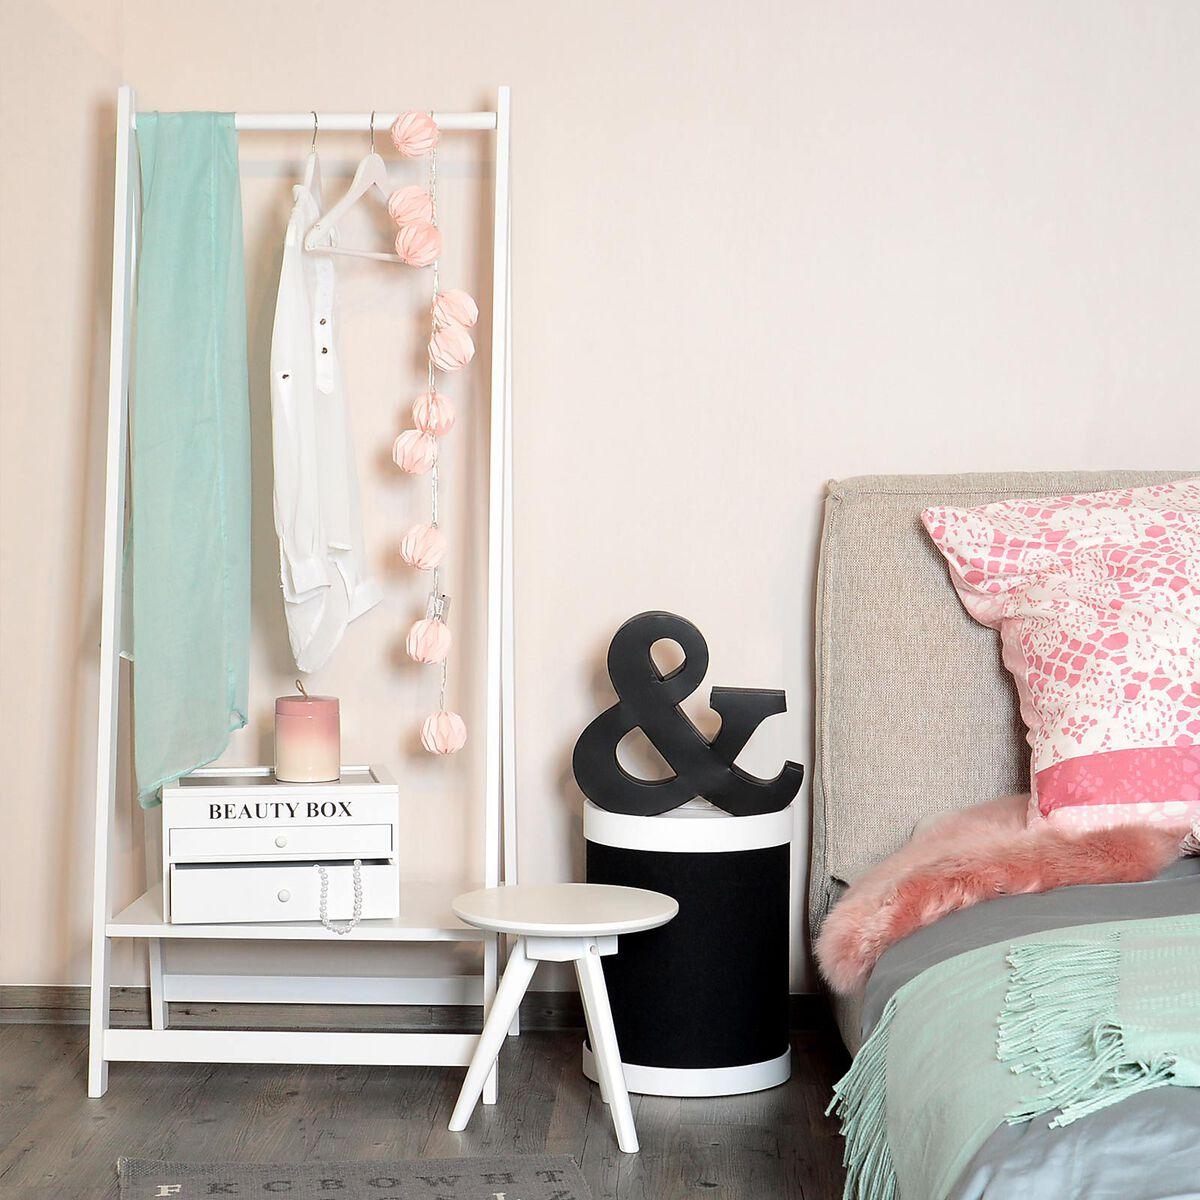 kleiderst nder kiefernholz ca h 150cm wei depot de. Black Bedroom Furniture Sets. Home Design Ideas